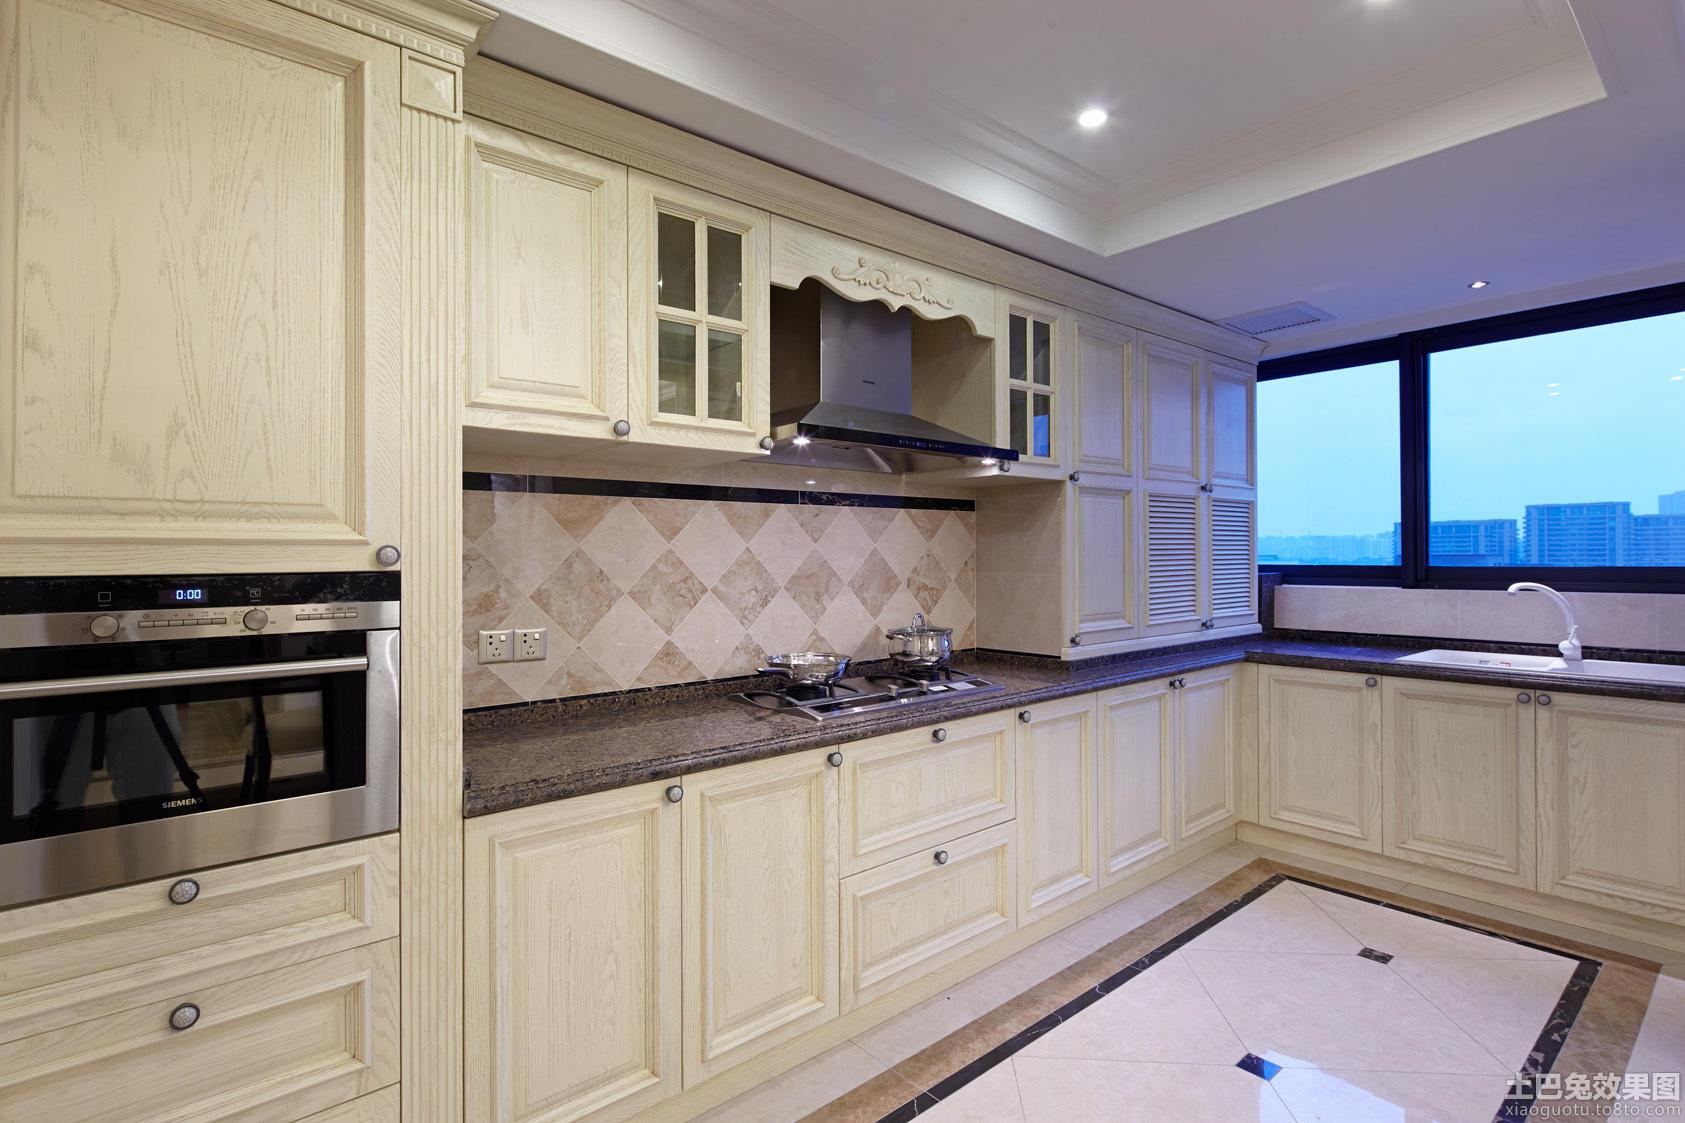 家庭厨房欧式实木橱柜图片大全装修效果图_第3张图片